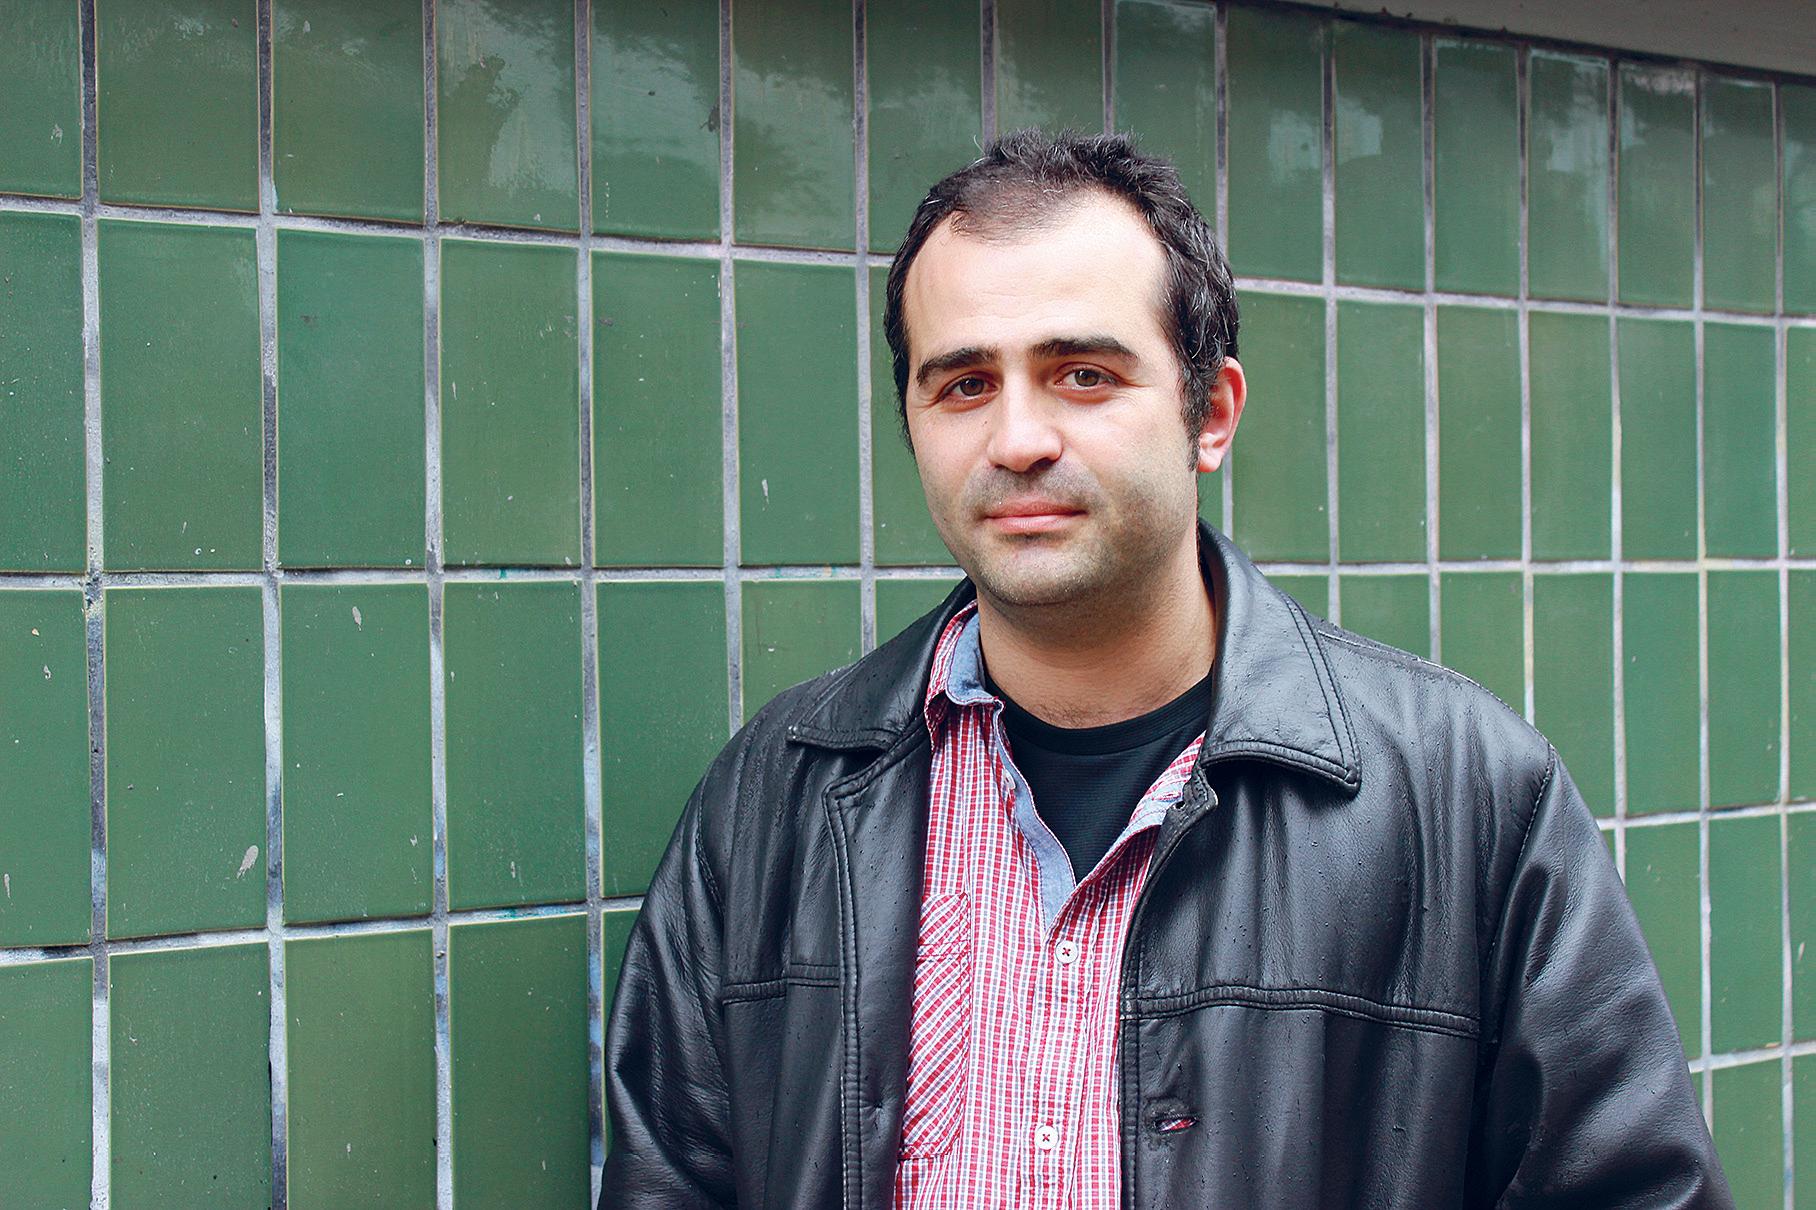 Tutkija. Karim Maïche kirjoittaa väitöskirjaa Algerian ammattiyhdistysliikkeestä. // KUVA: ANNA-KAISA HILTUNEN/UP